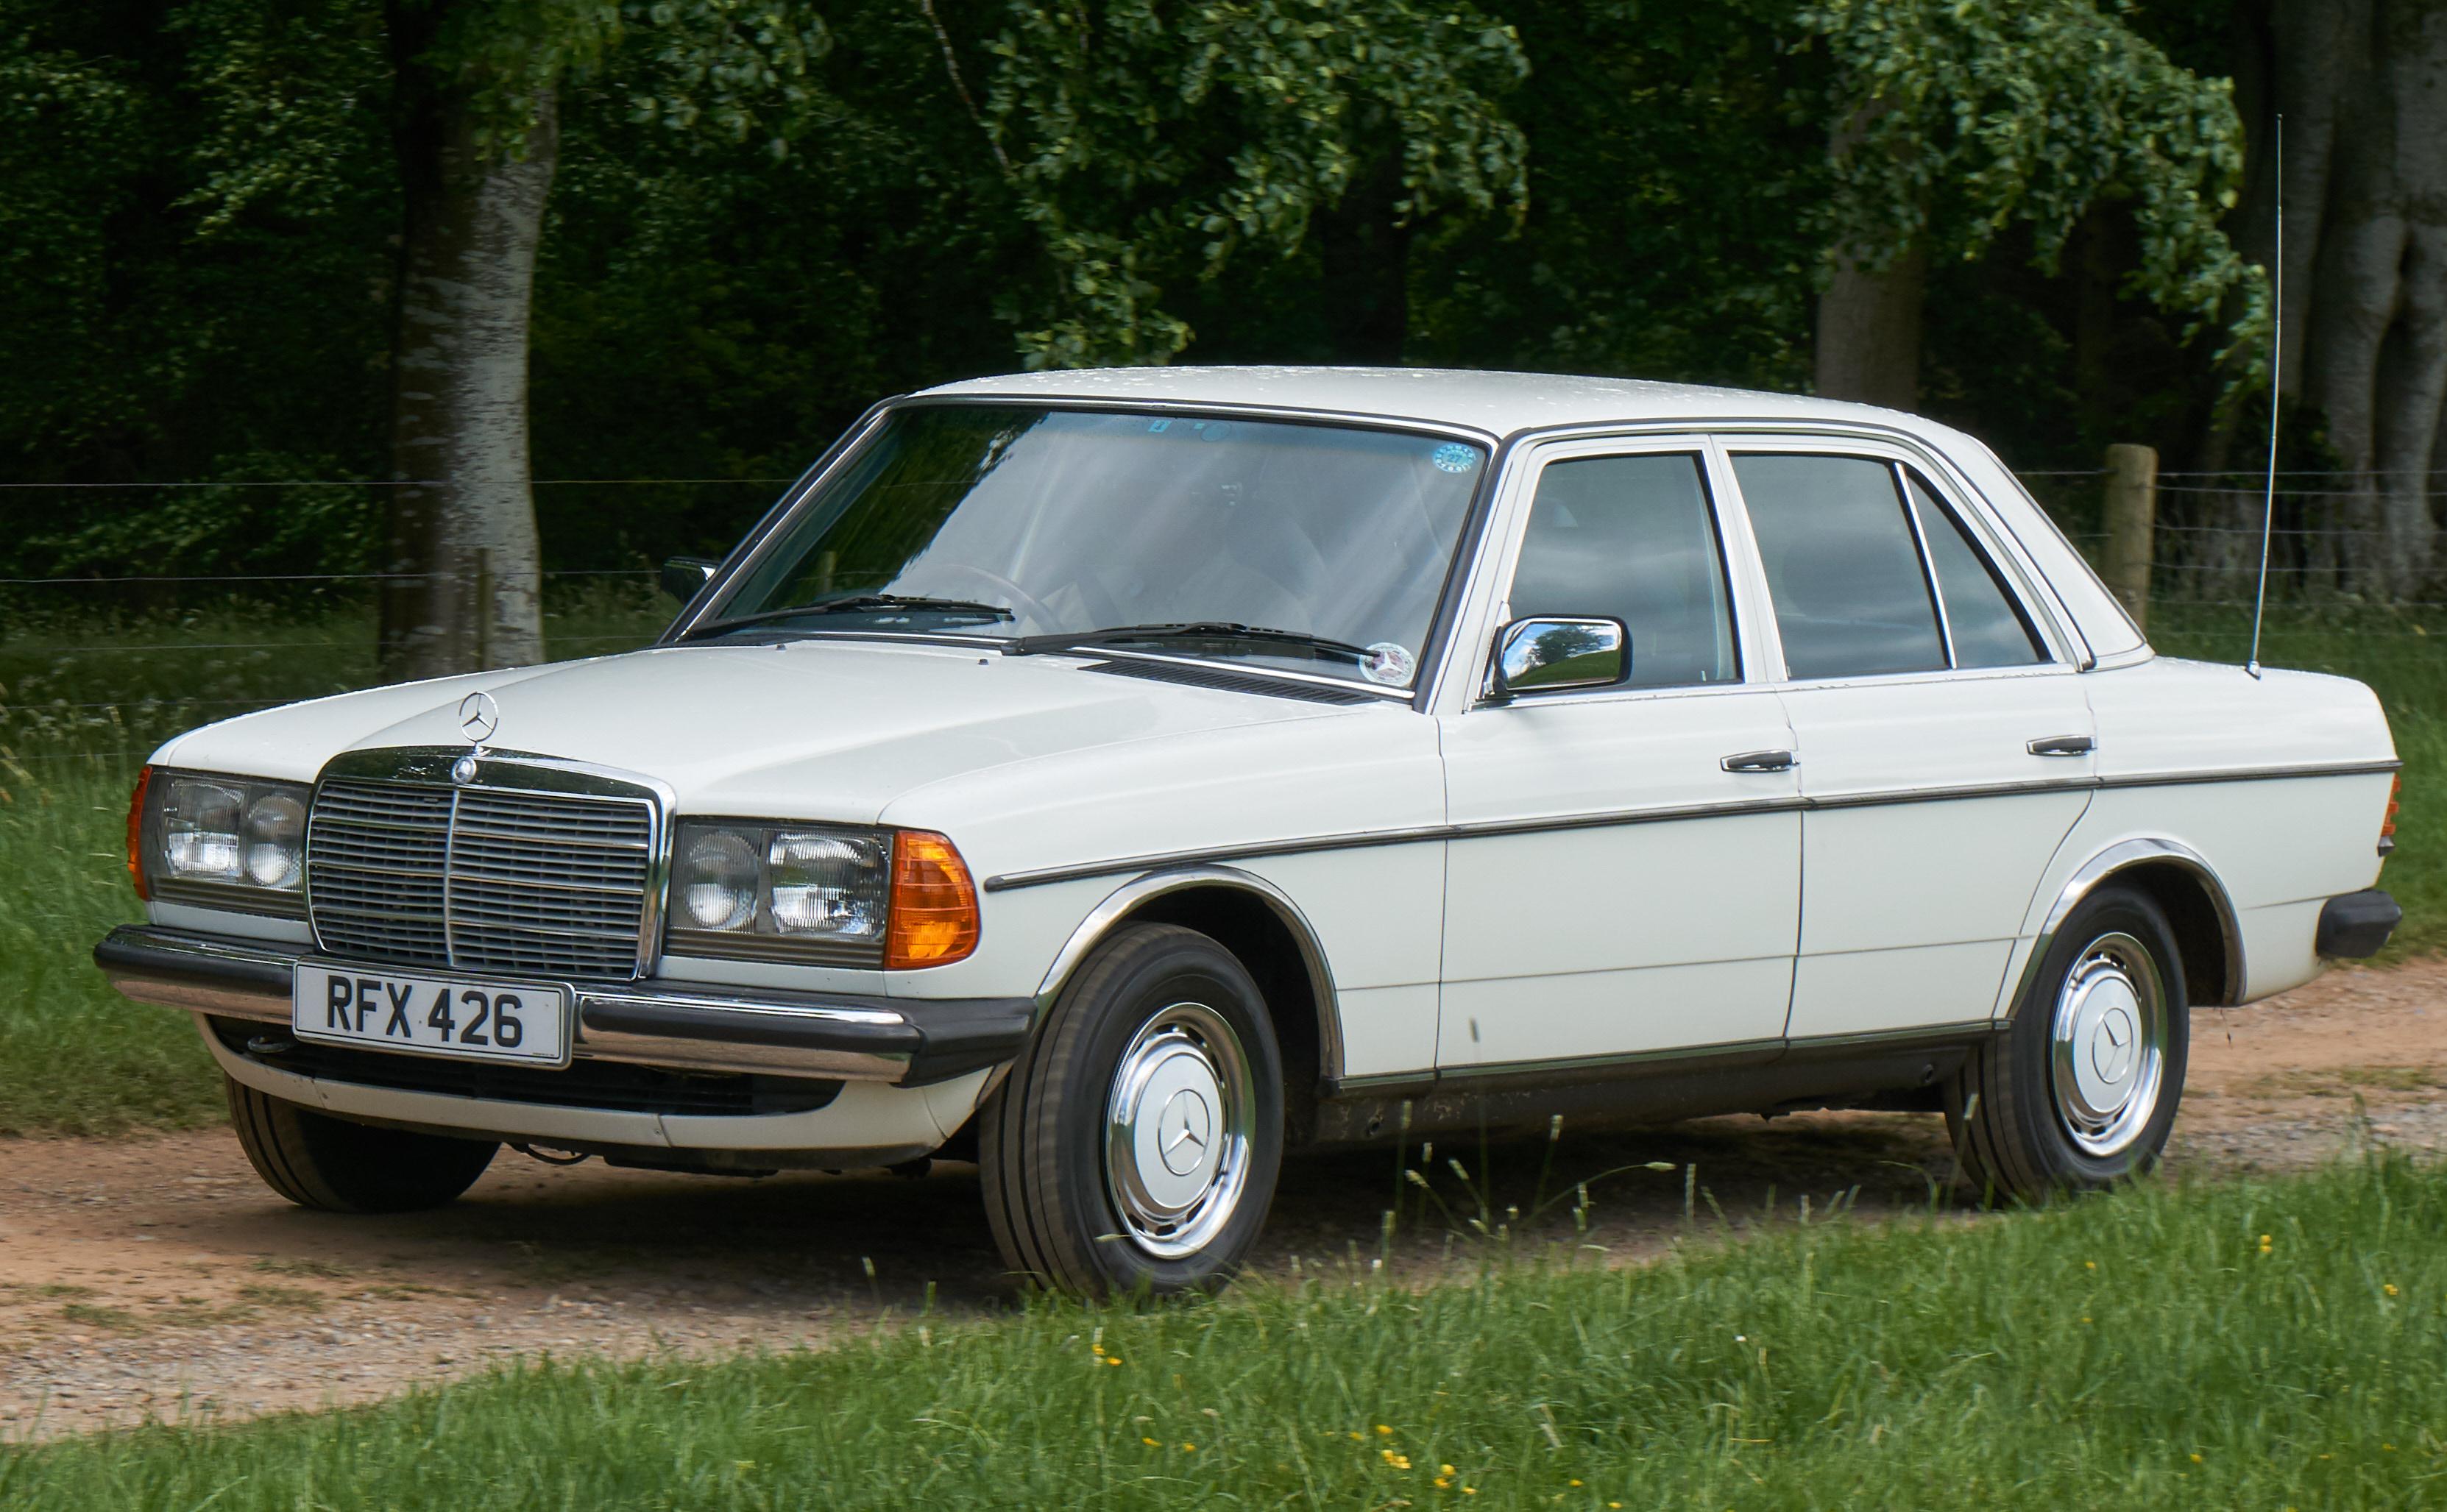 1985 mercedes 230e auto (w123) photo